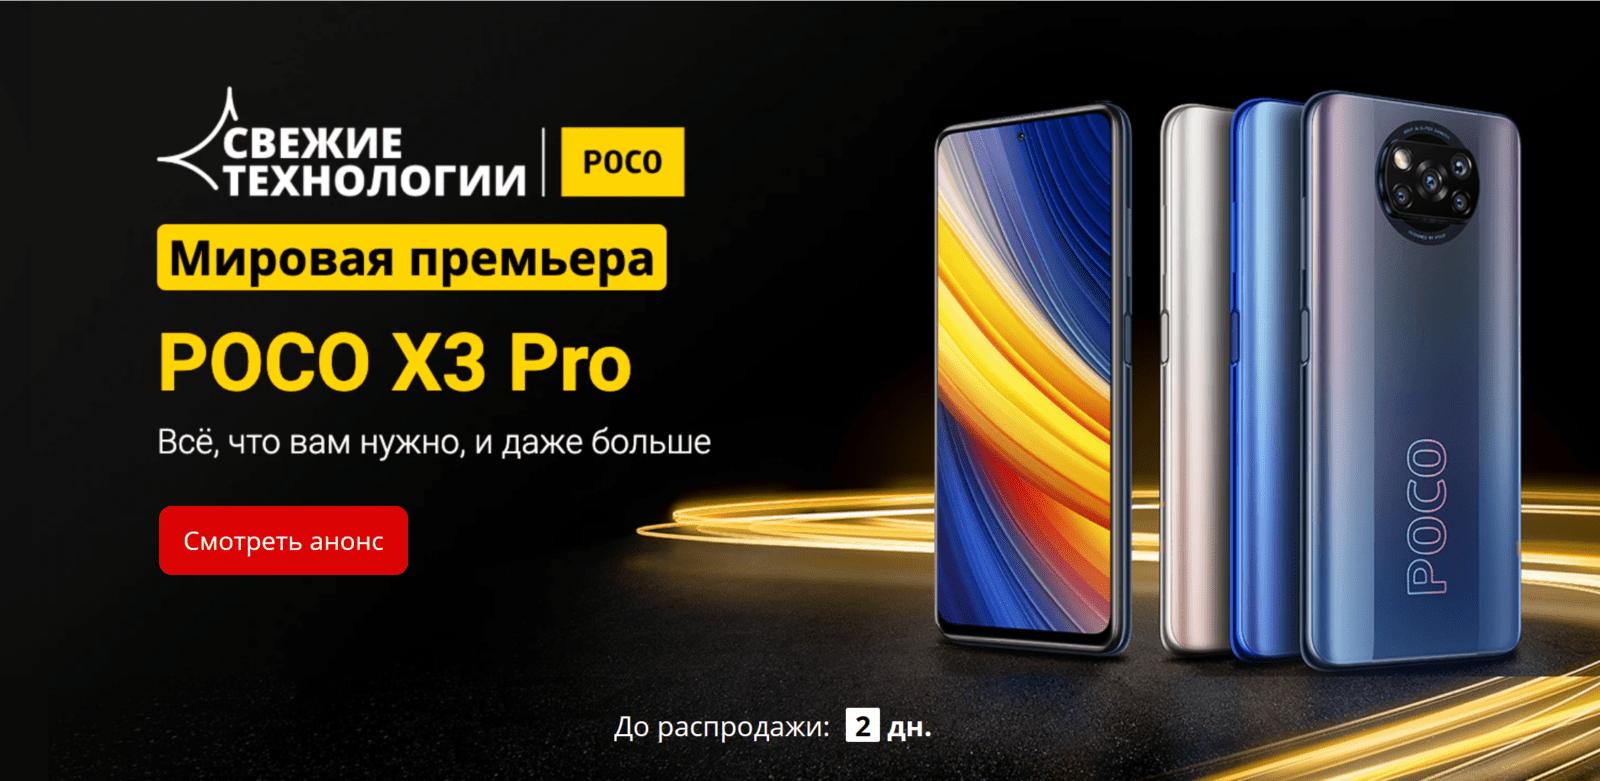 Мировая премьера: POCO X3 Pro